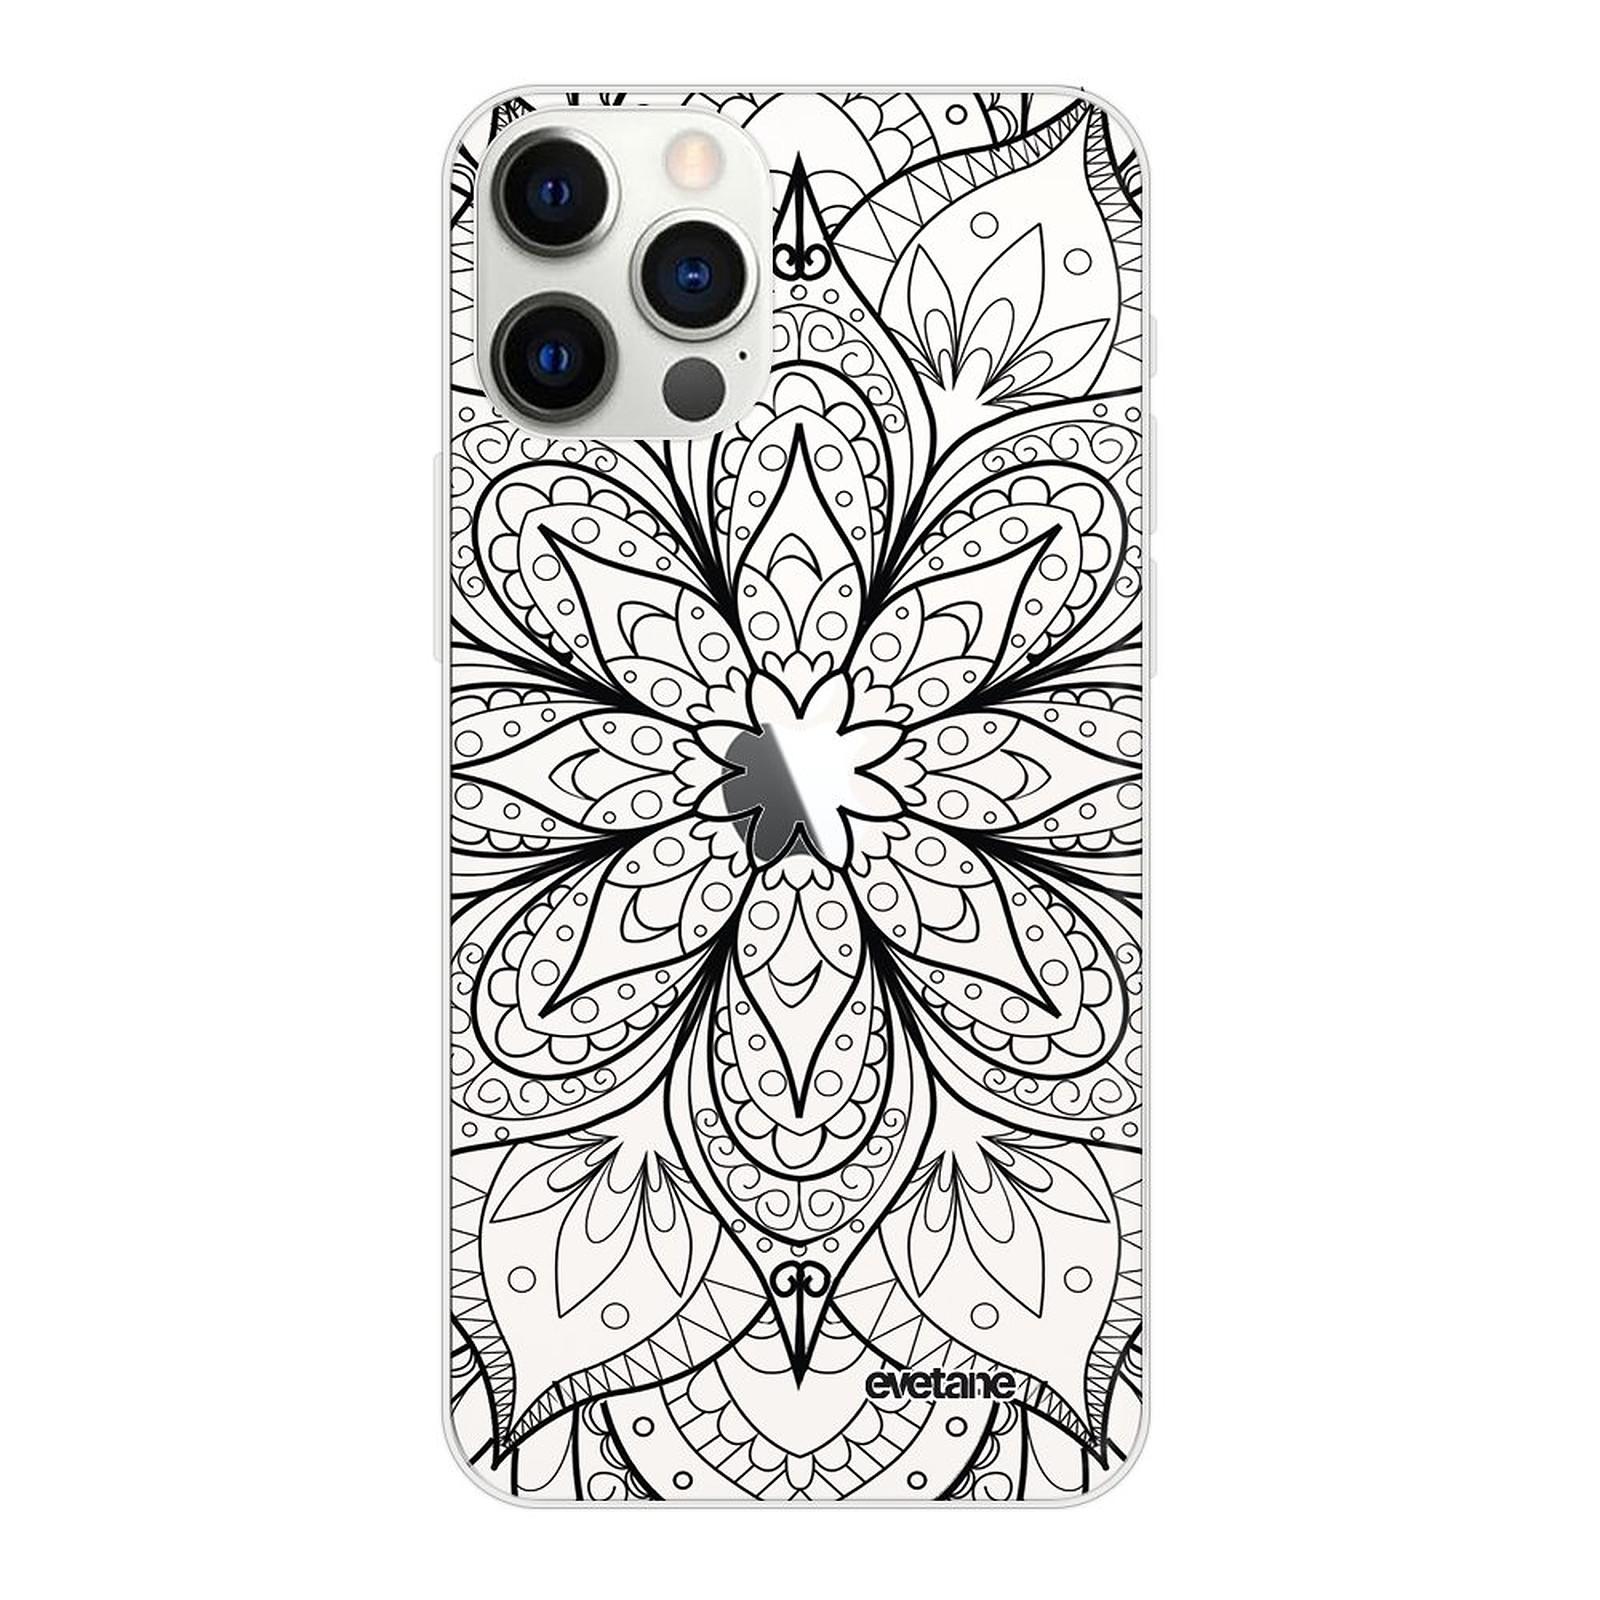 EVETANE Coque iPhone 12/12 Pro 360 intégrale transparente Mandala noir Tendance - Coque téléphone Evetane sur LDLC